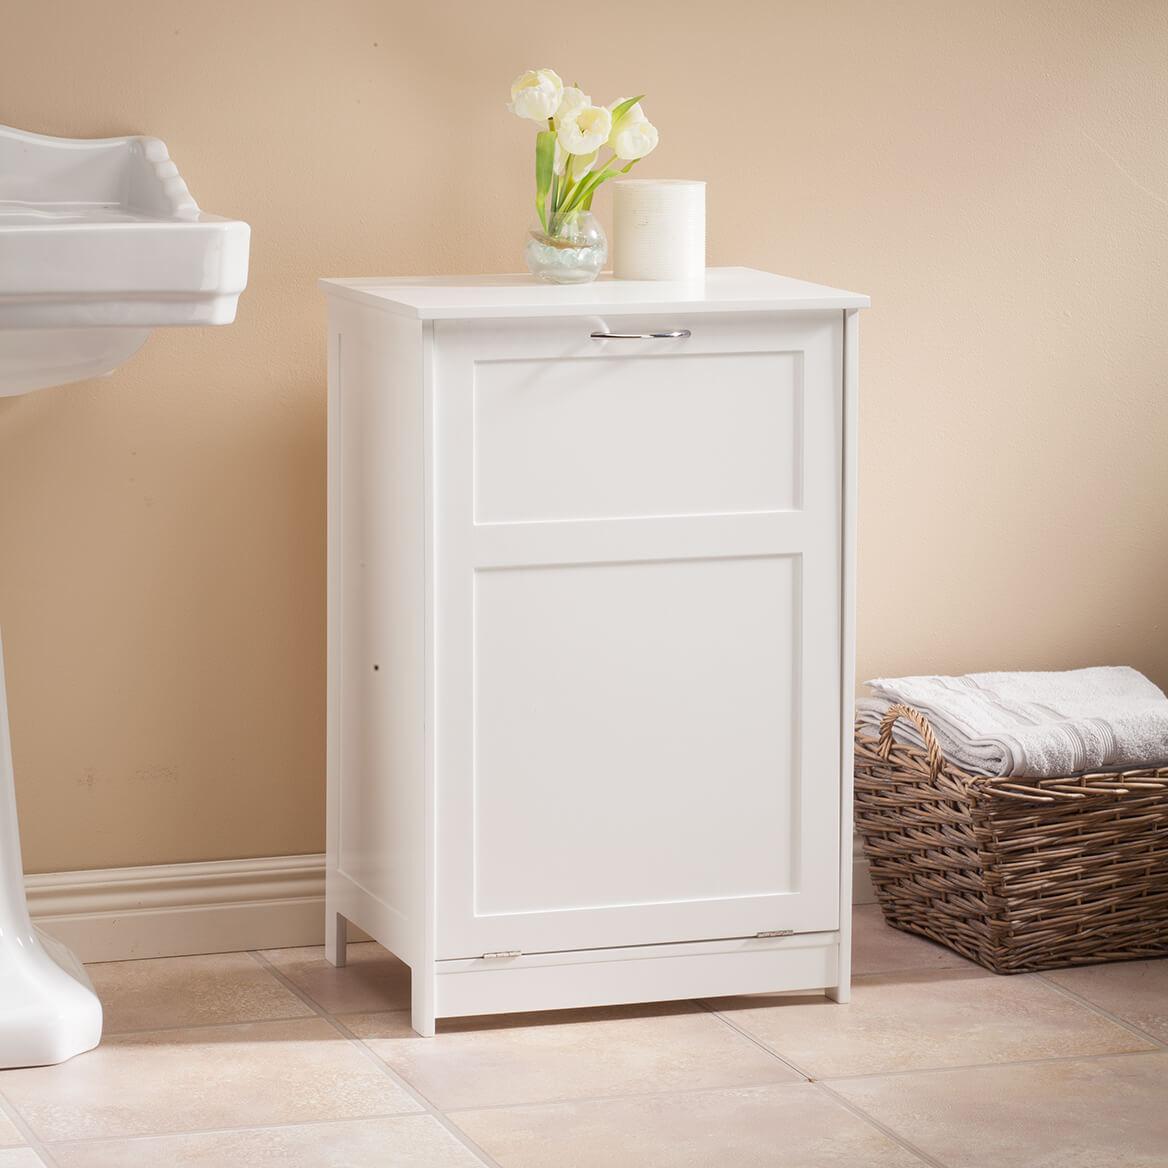 Laundry Hamper by OakRidge™-366759